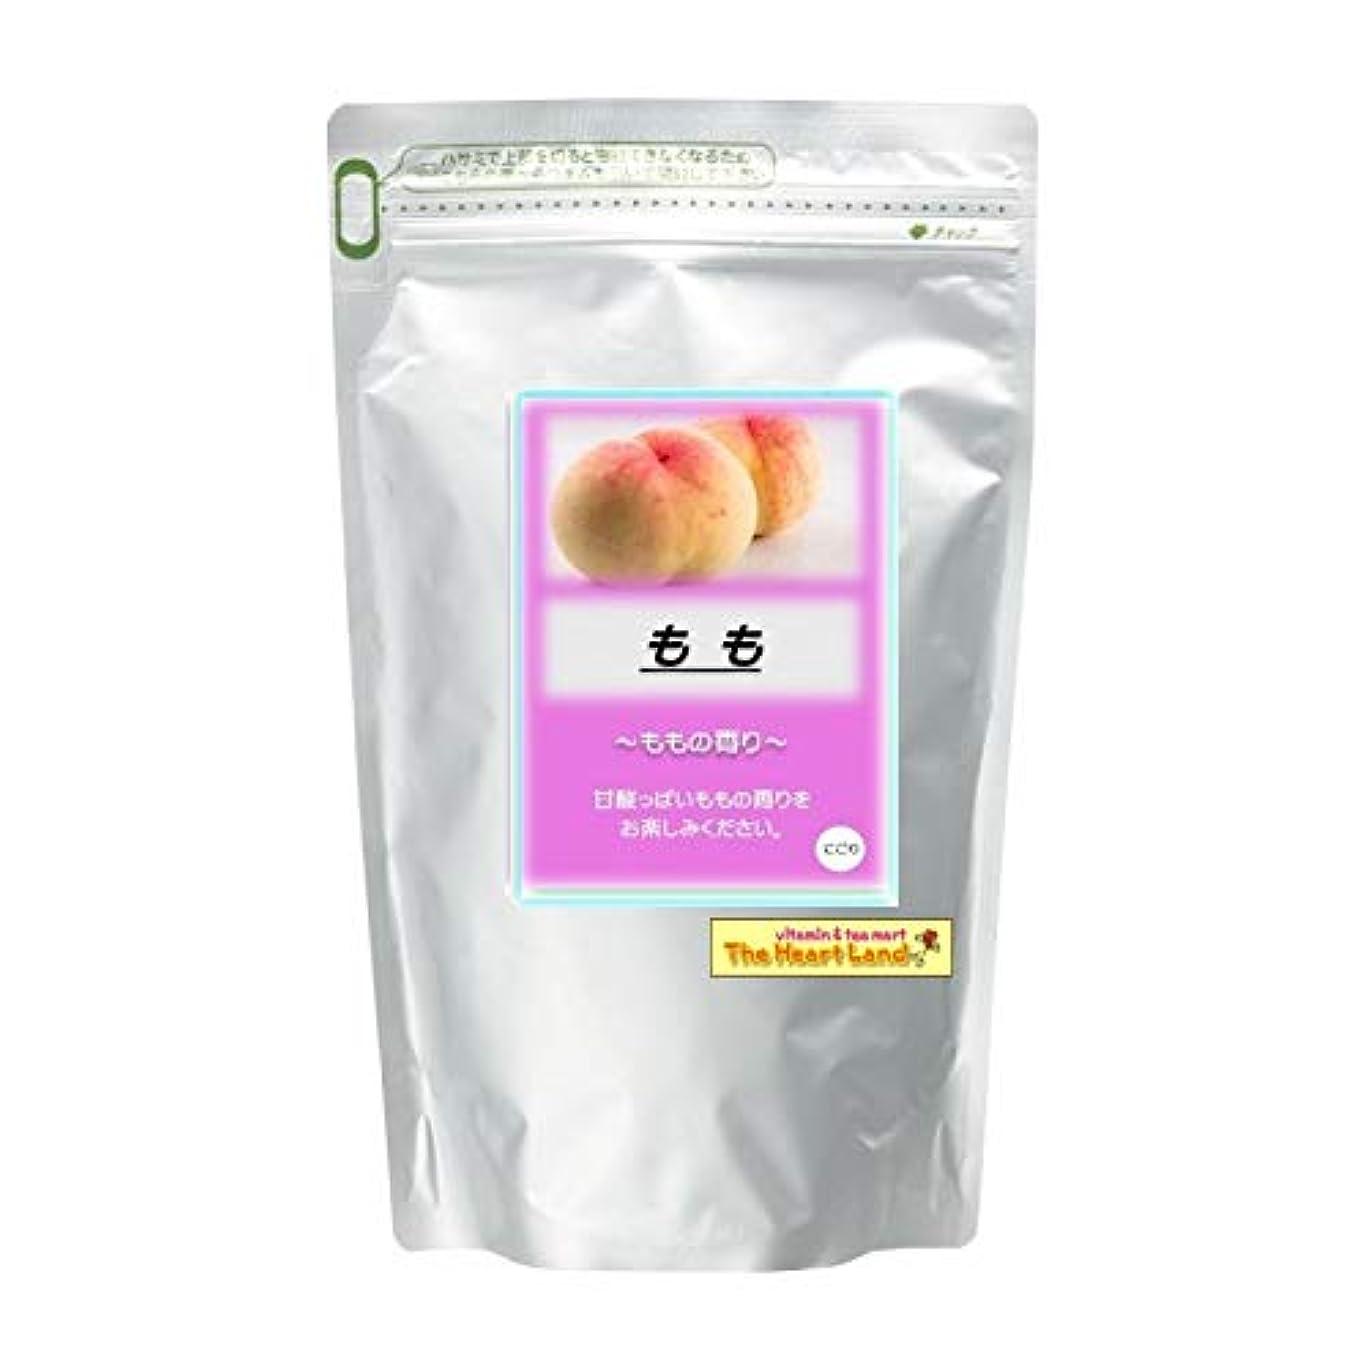 ラブ植物学カートンアサヒ入浴剤 浴用入浴化粧品 もも 300g